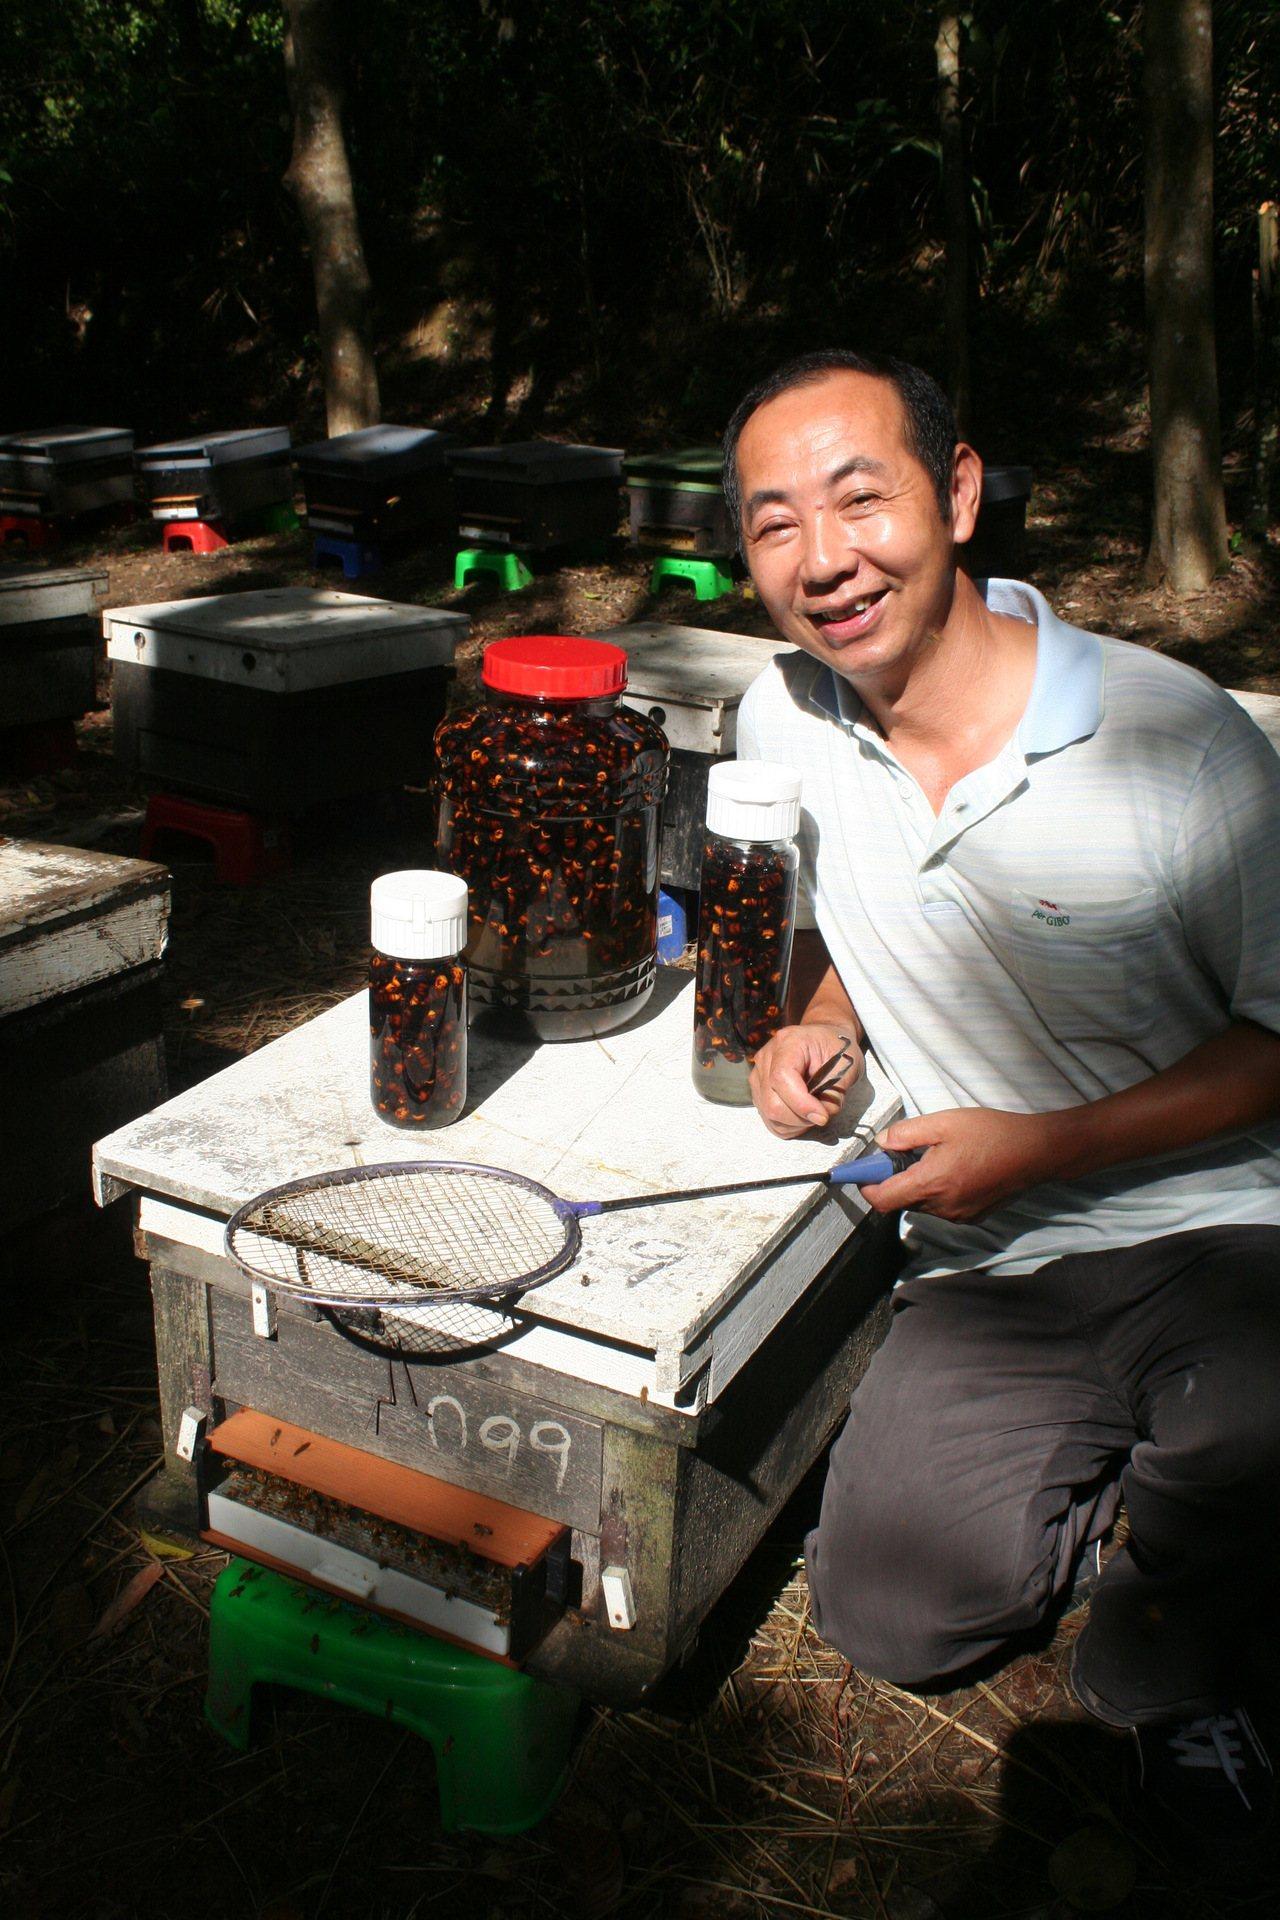 苗栗蜂農徐陳森在蜂箱旁用球拍捕捉虎頭蜂泡酒,減少損失。圖/報系資料照